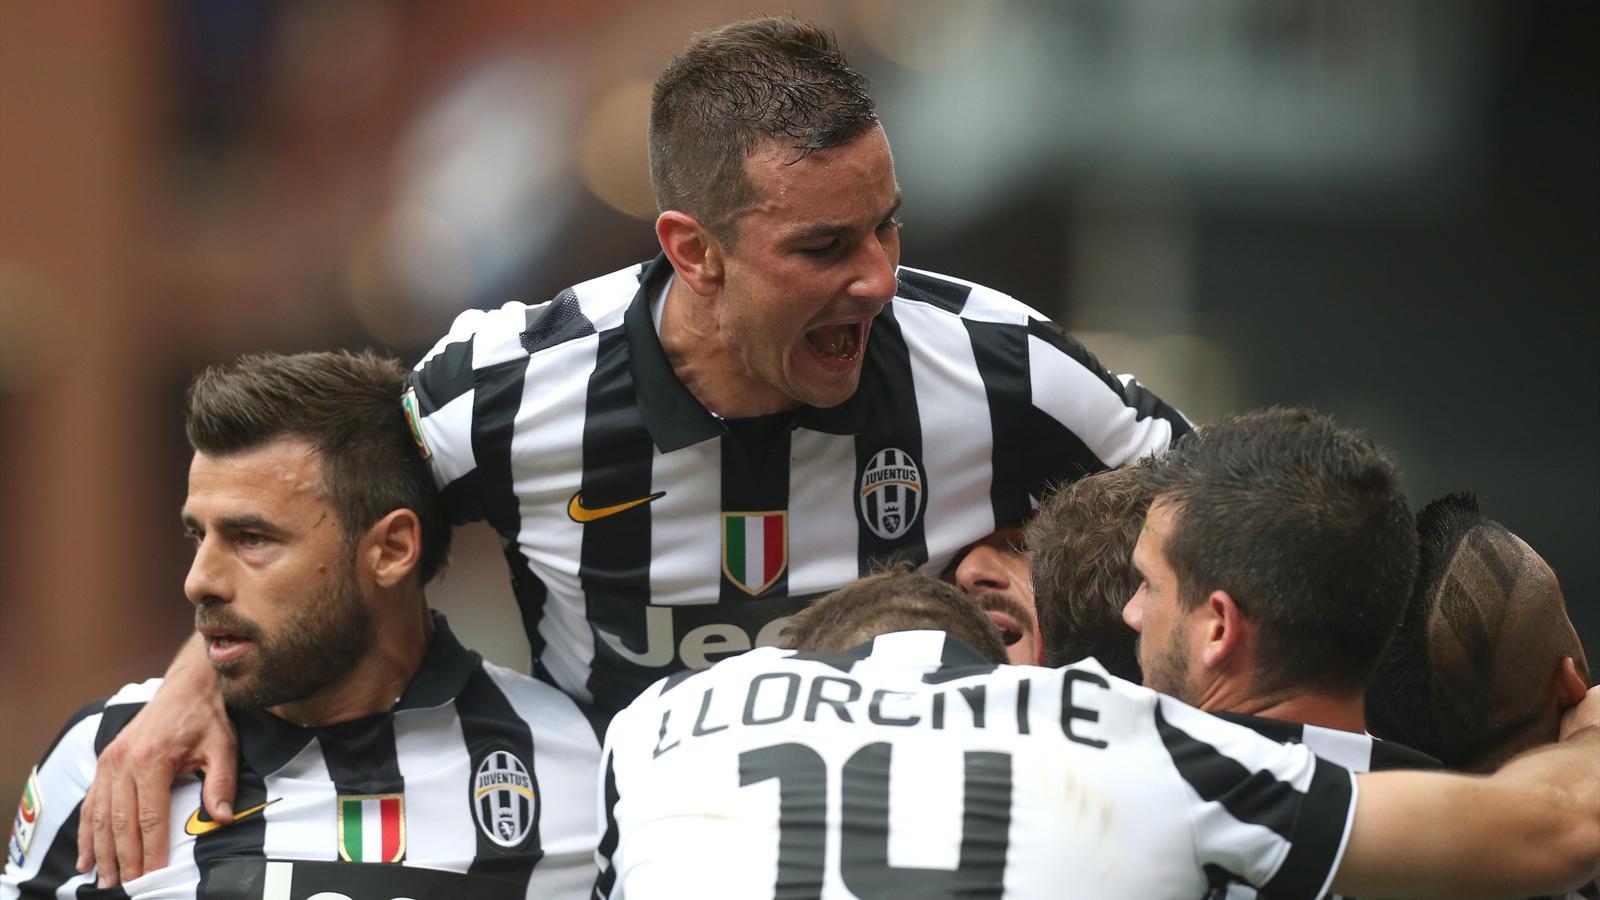 Le topic de la Juventus de Turin, tout sur la vieille dame ! - Page 9 1472225-31441620-1600-900